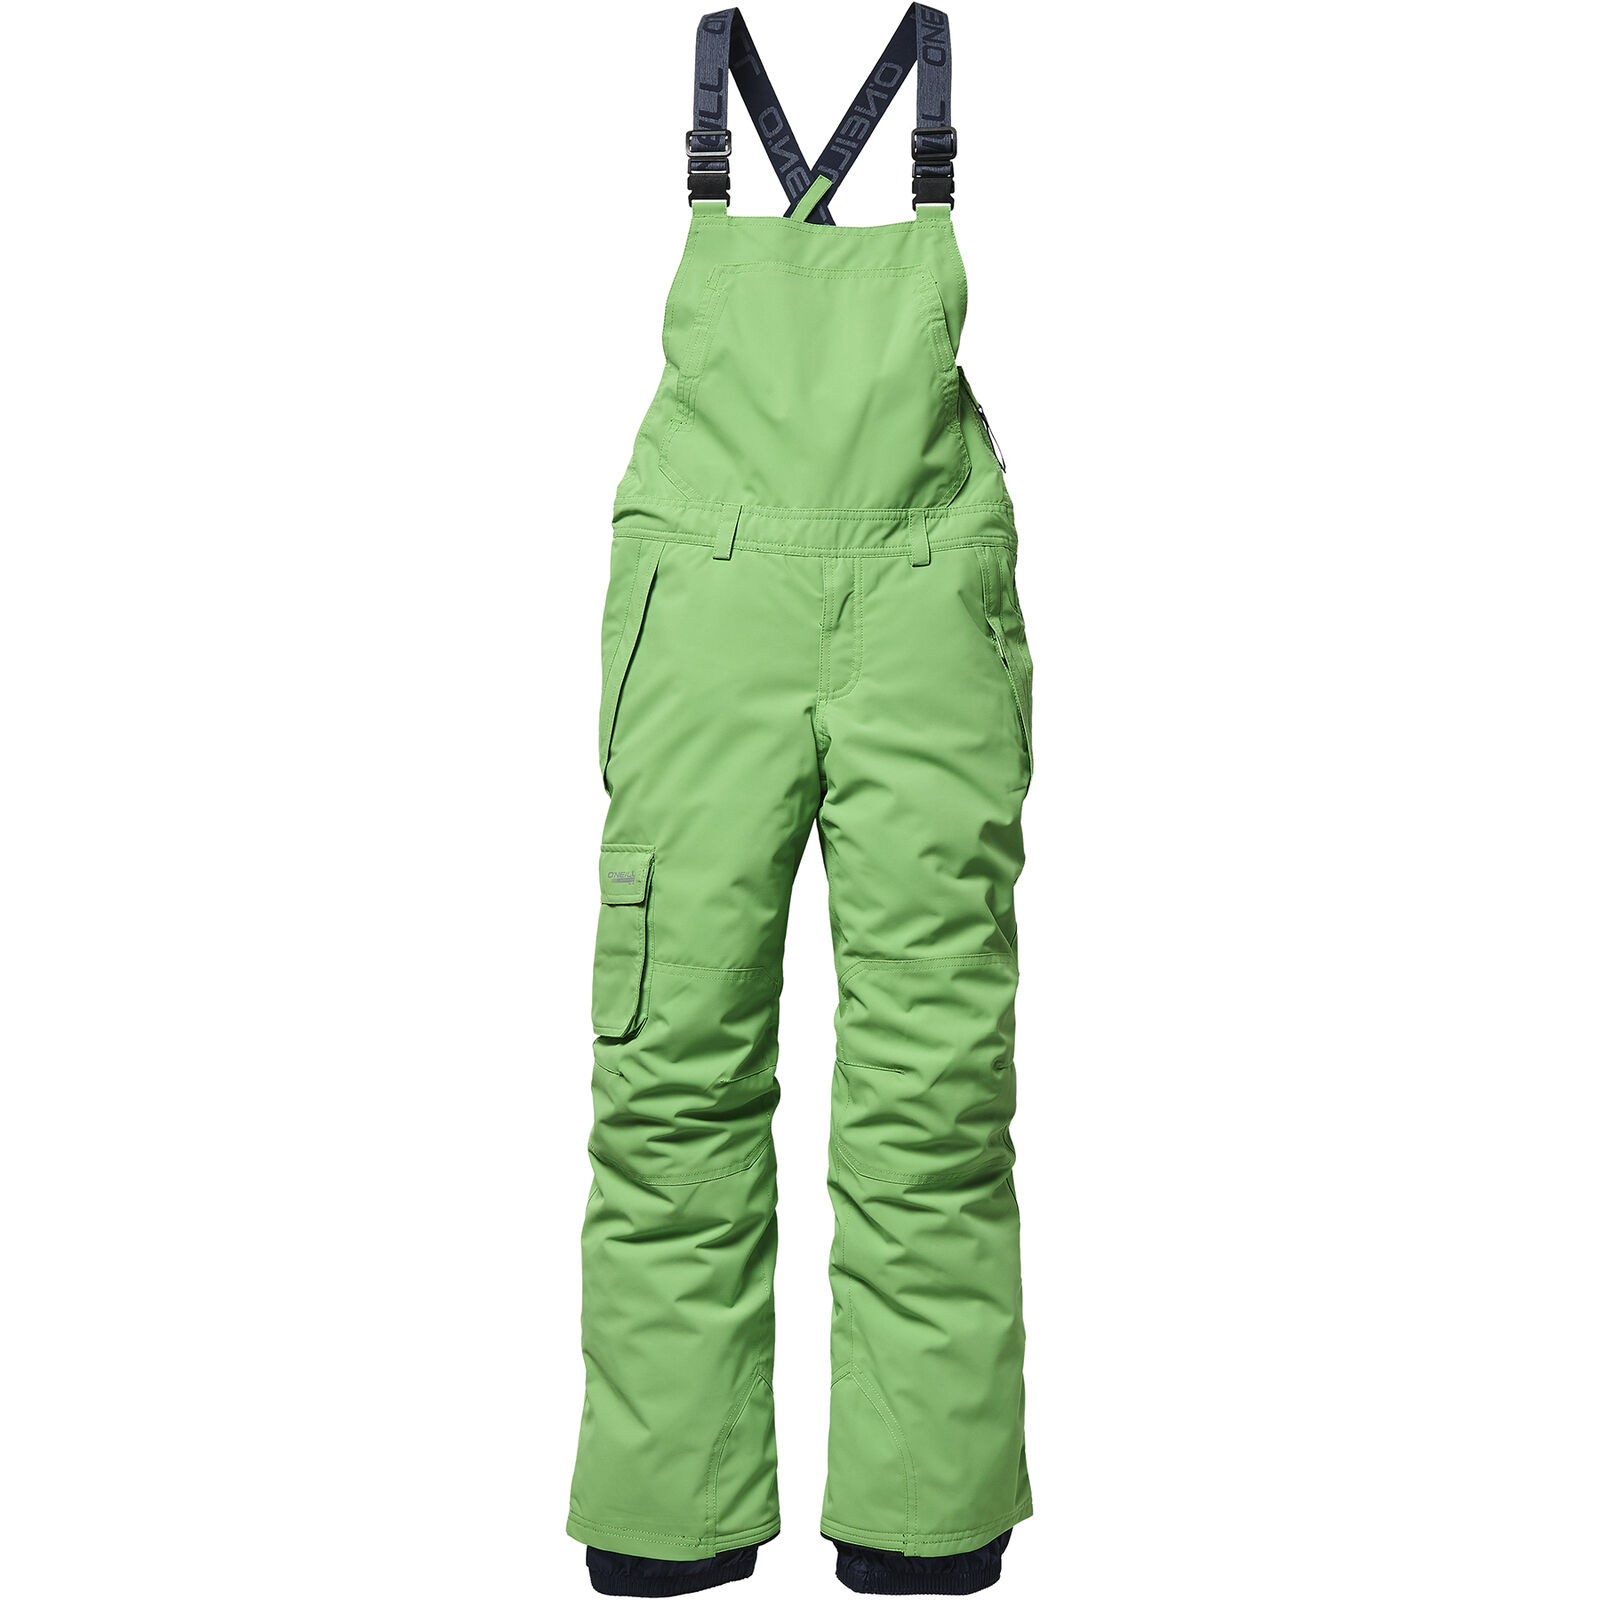 O'Neill Skihose Snowboardhose PB BIB PANTS grün wasserdicht Unifarben